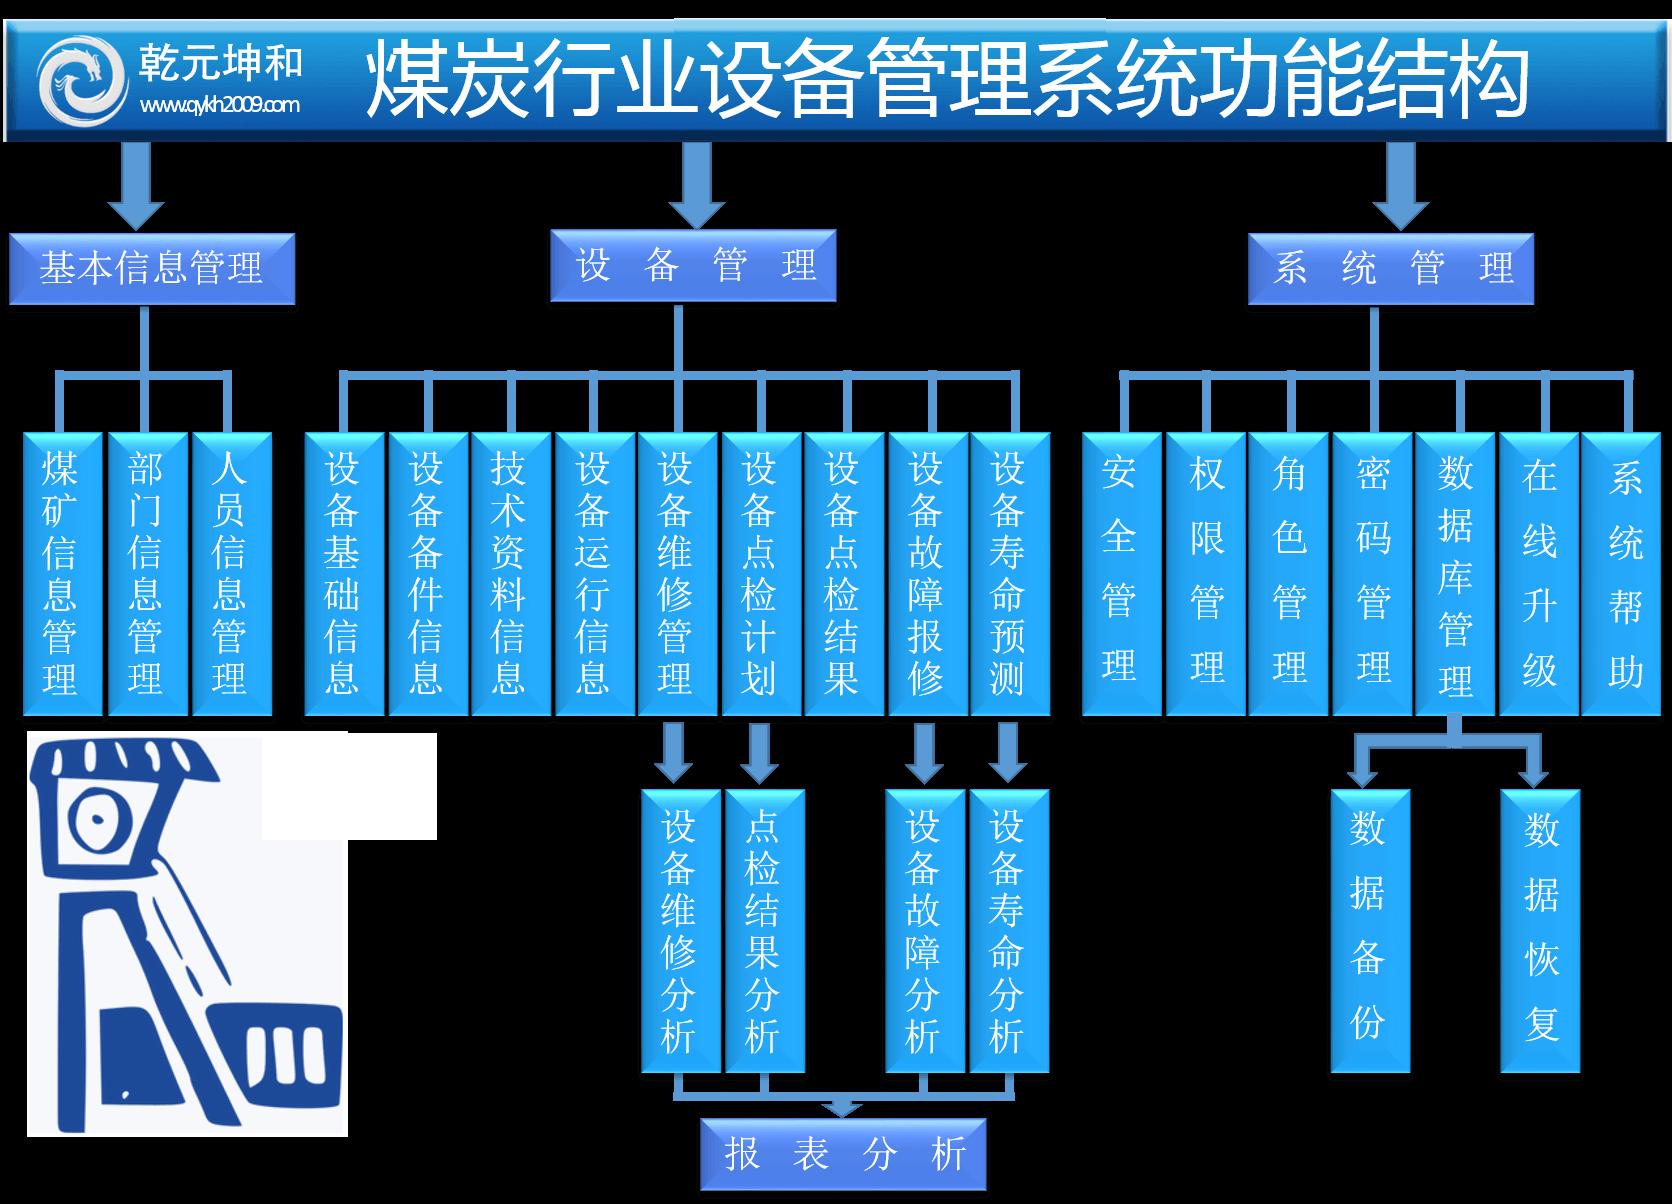 煤炭行业设备管理系统功能结构